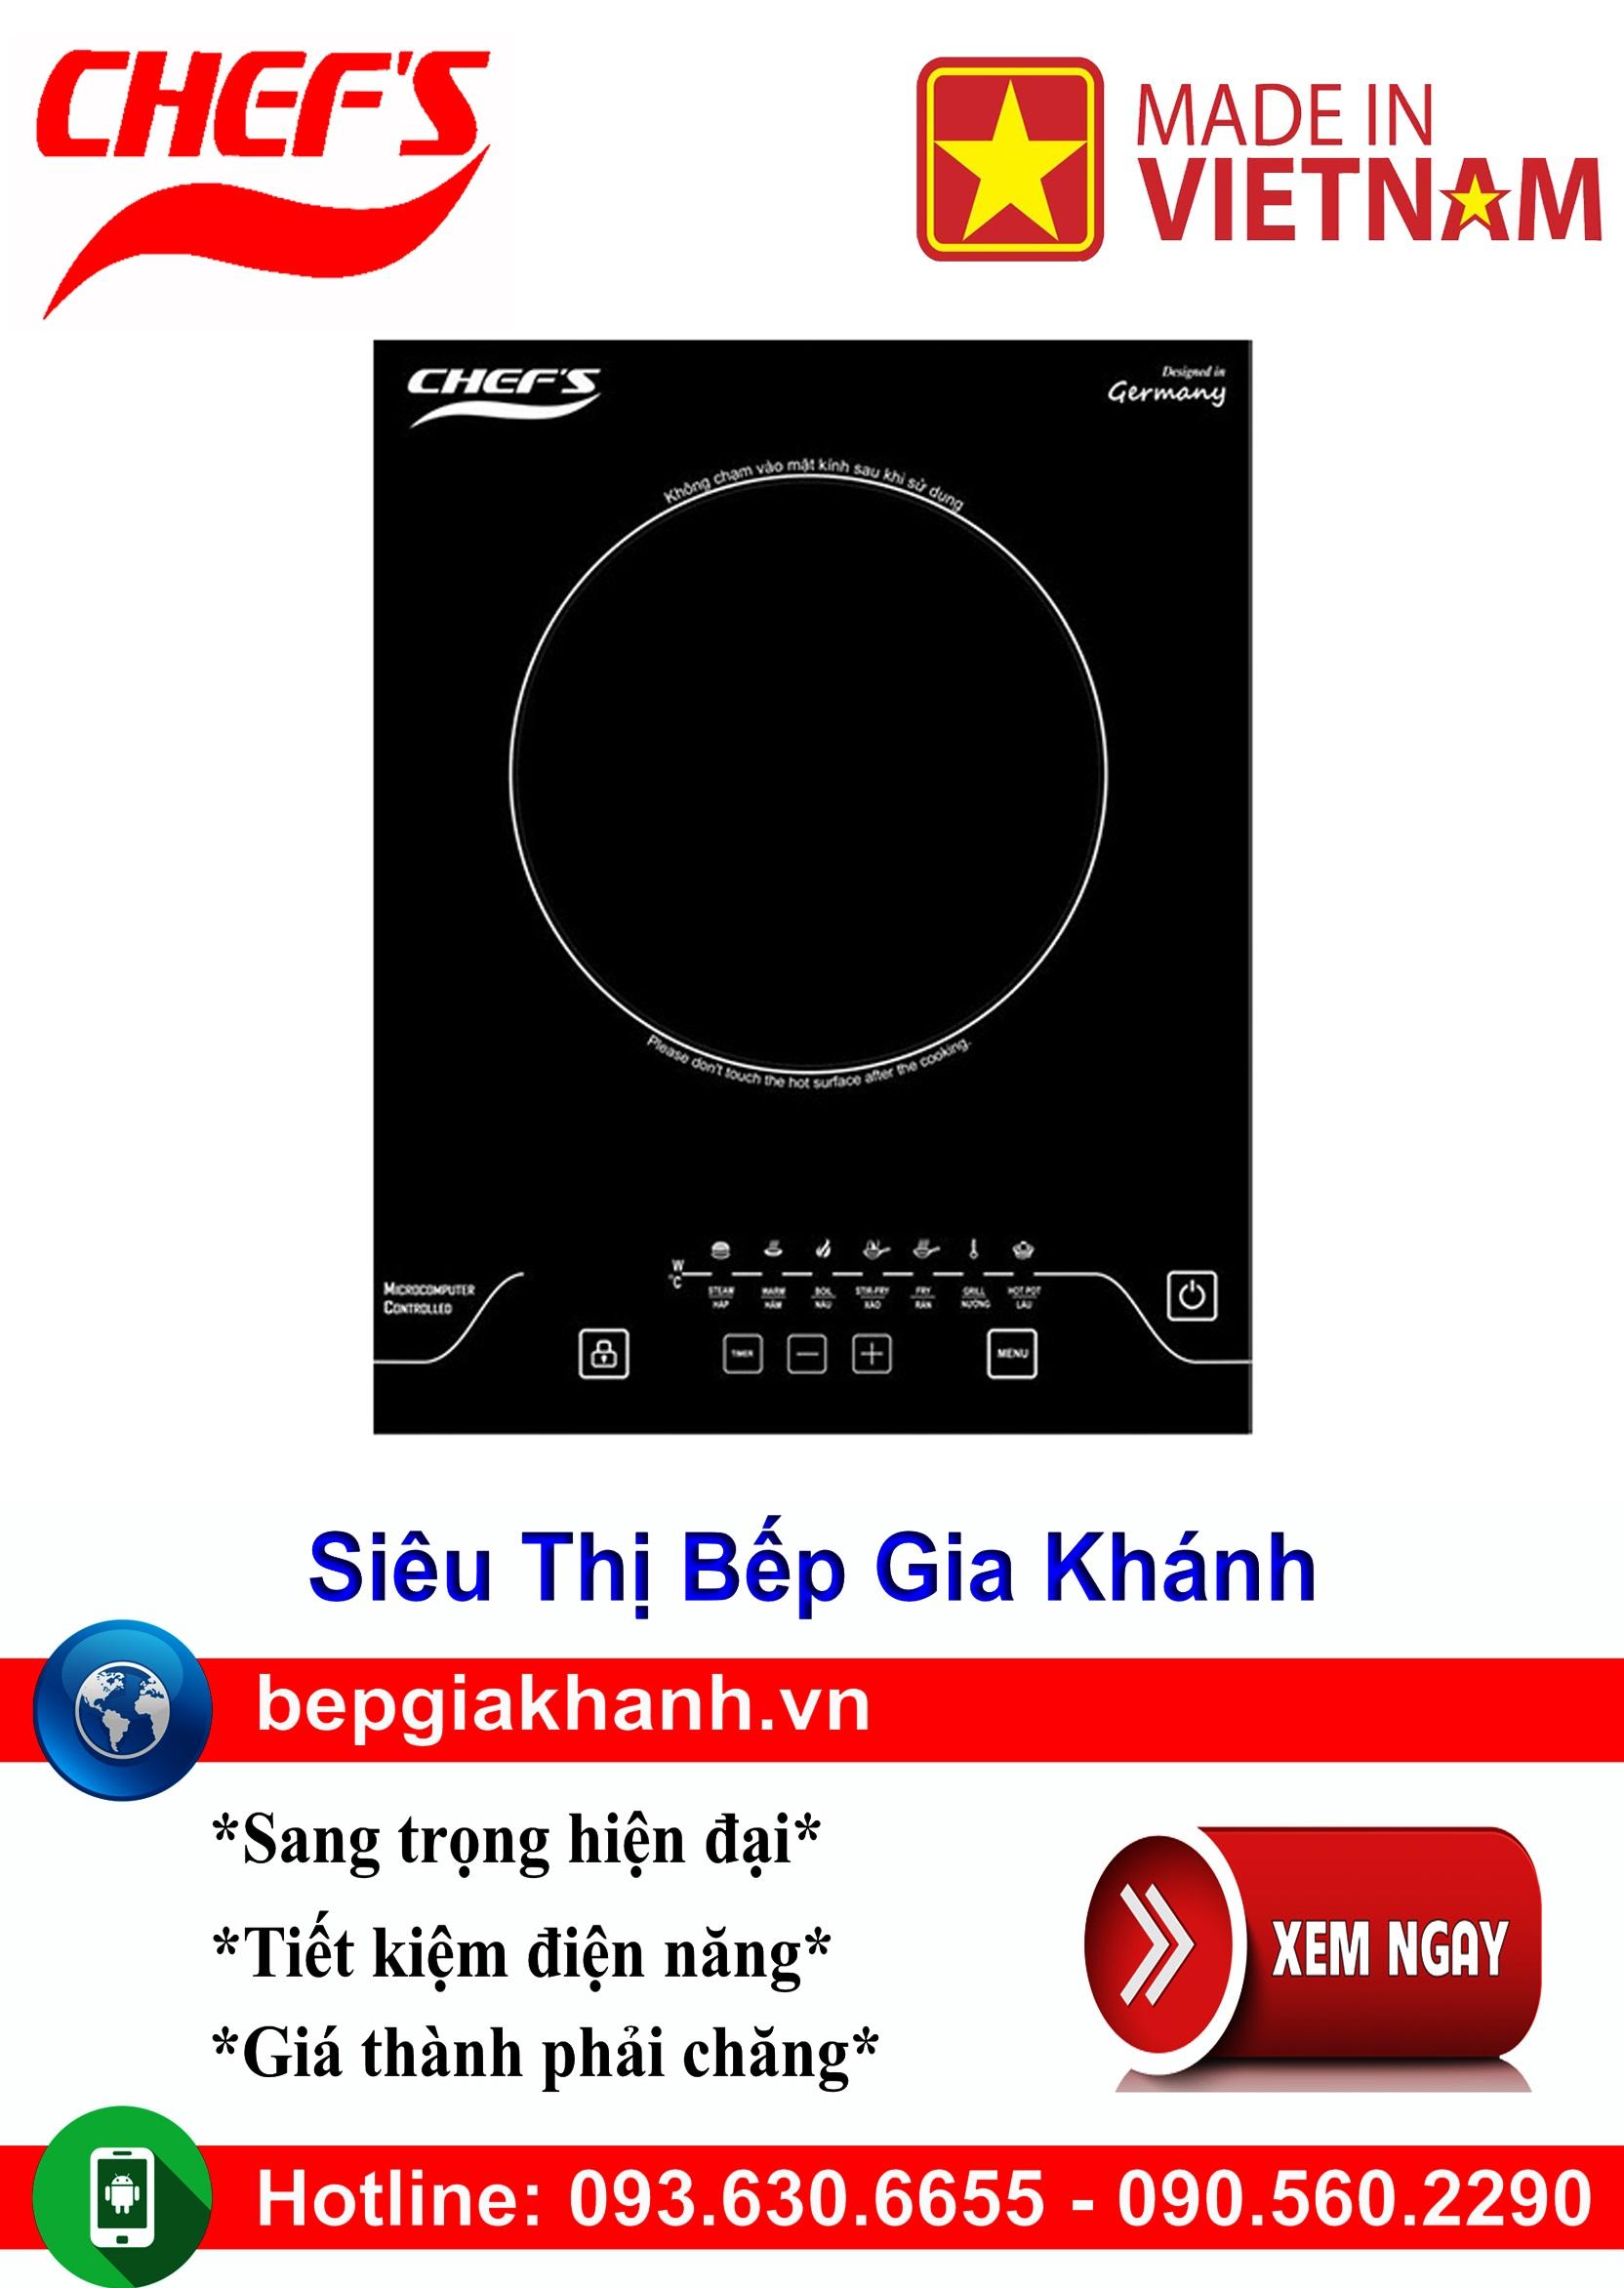 [HCM]Bếp từ đơn Chefs EH IH2000A lắp ráp Việt Nam bếp từ bếp điện từ bếp từ đôi bếp điện từ đôi bếp từ giá rẻ bếp điện từ giá rẻ bếp từ đơn bep tu don bep tu